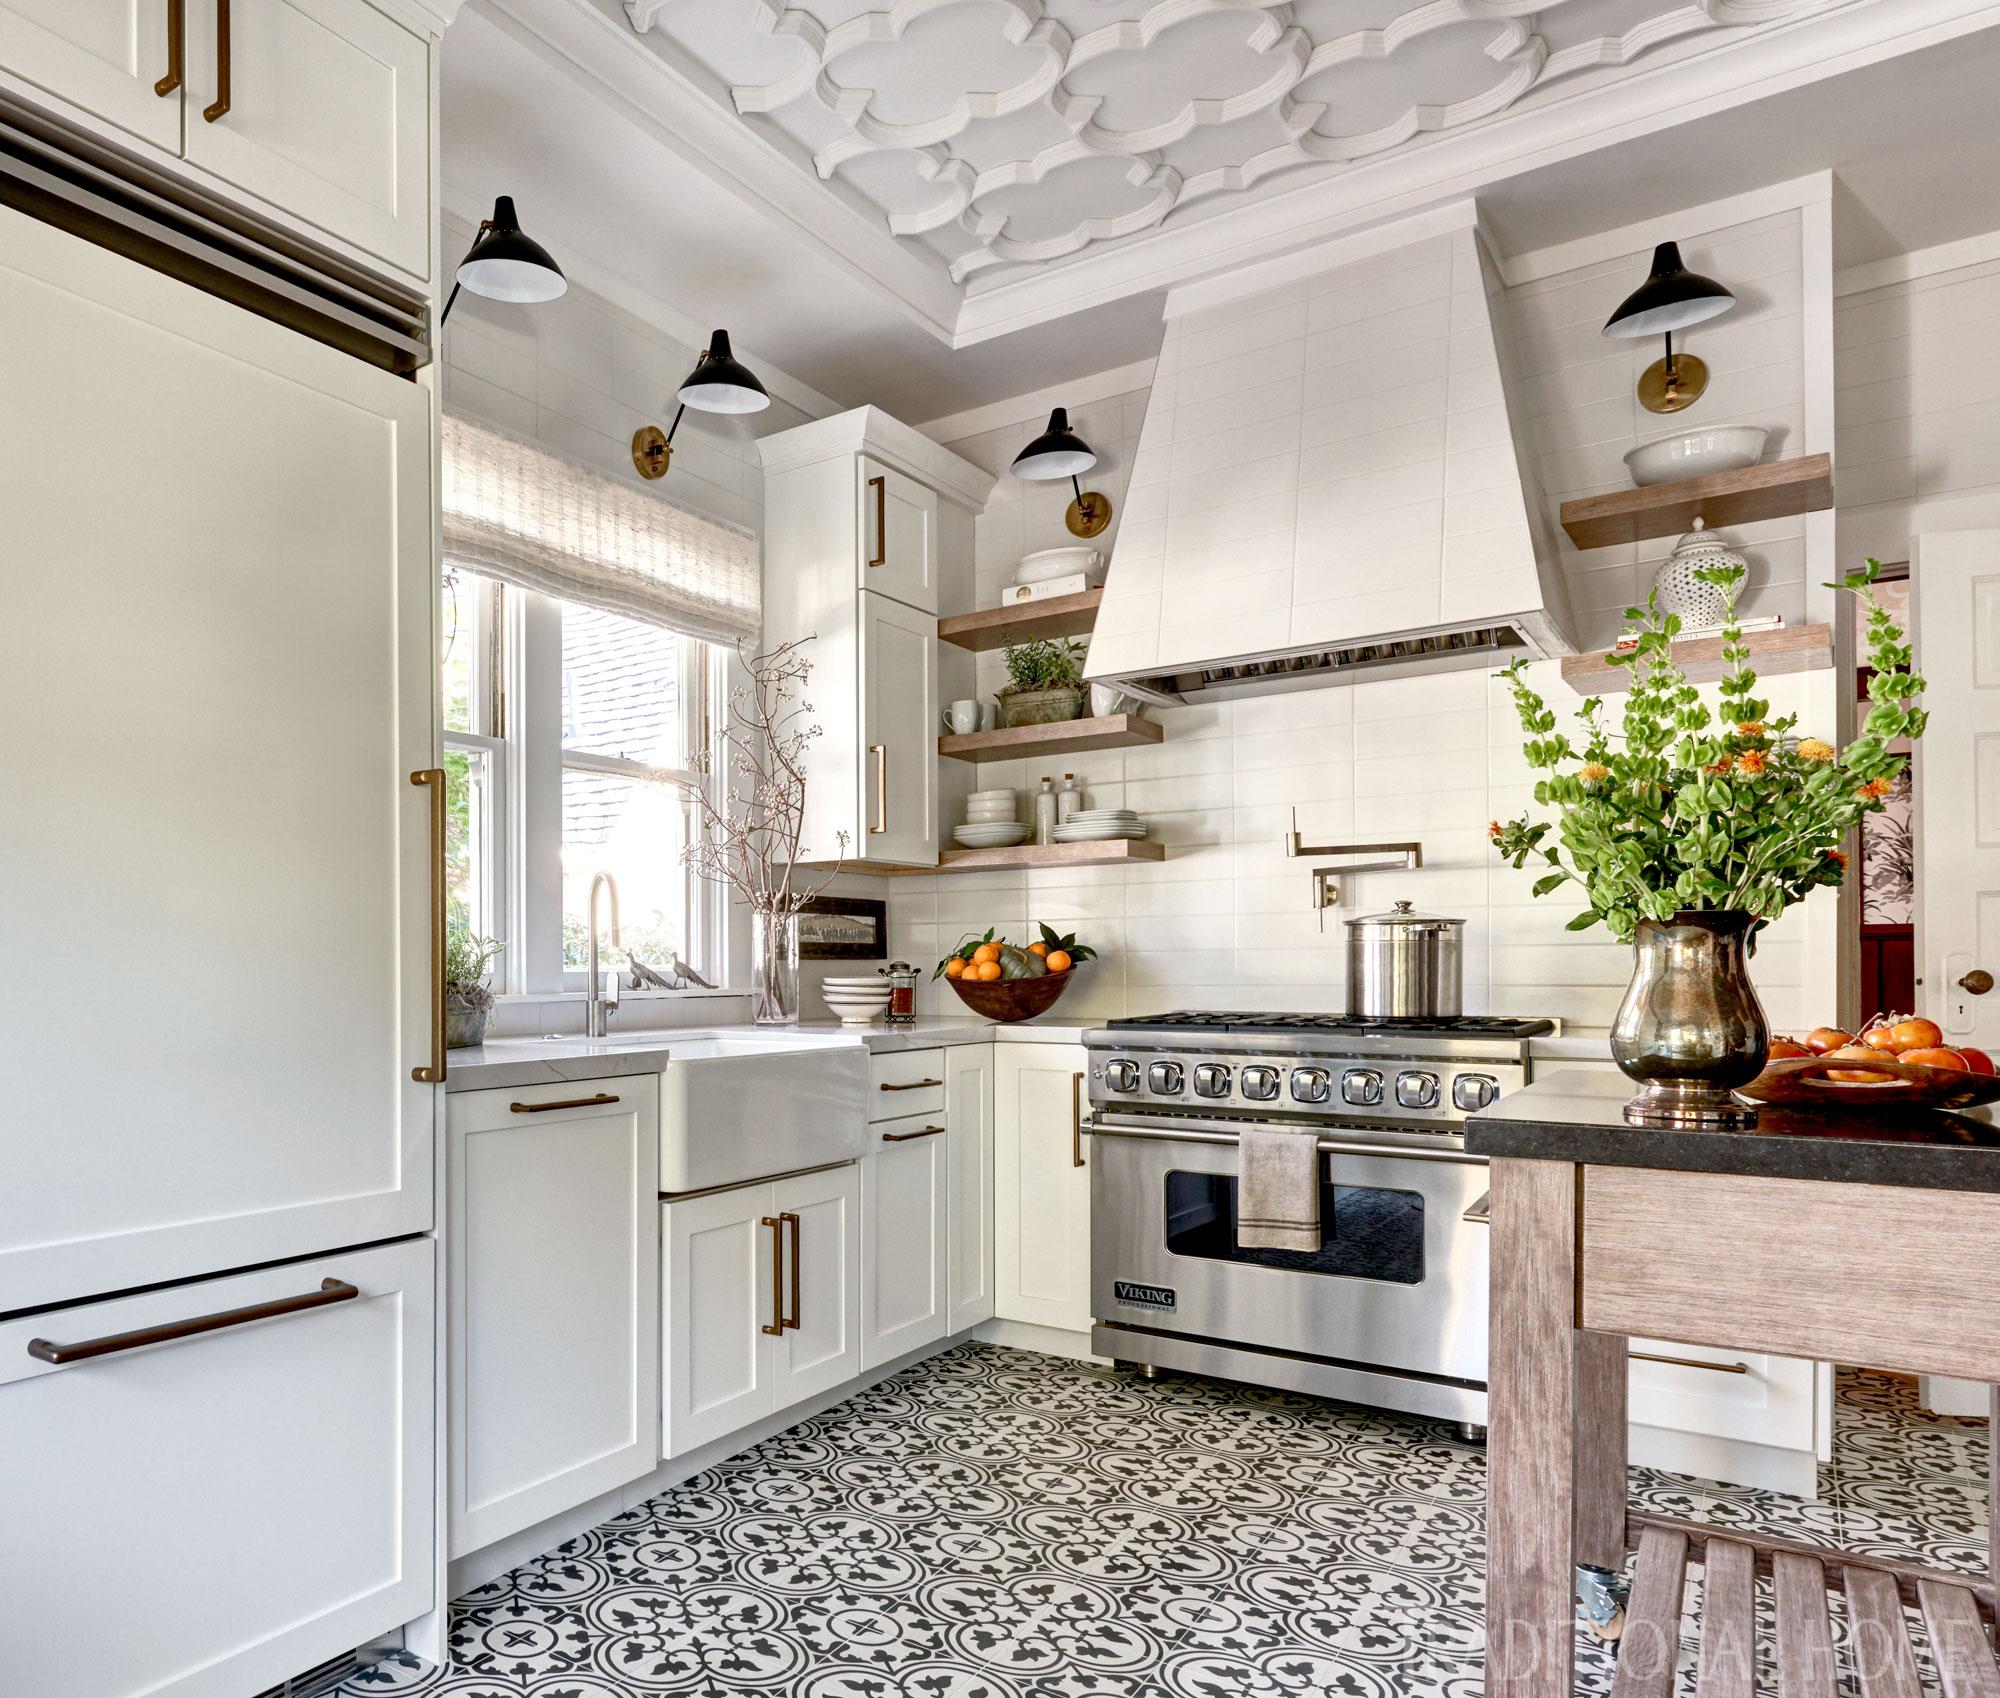 Floor Tiles Designs For Kitchen   Novocom.top